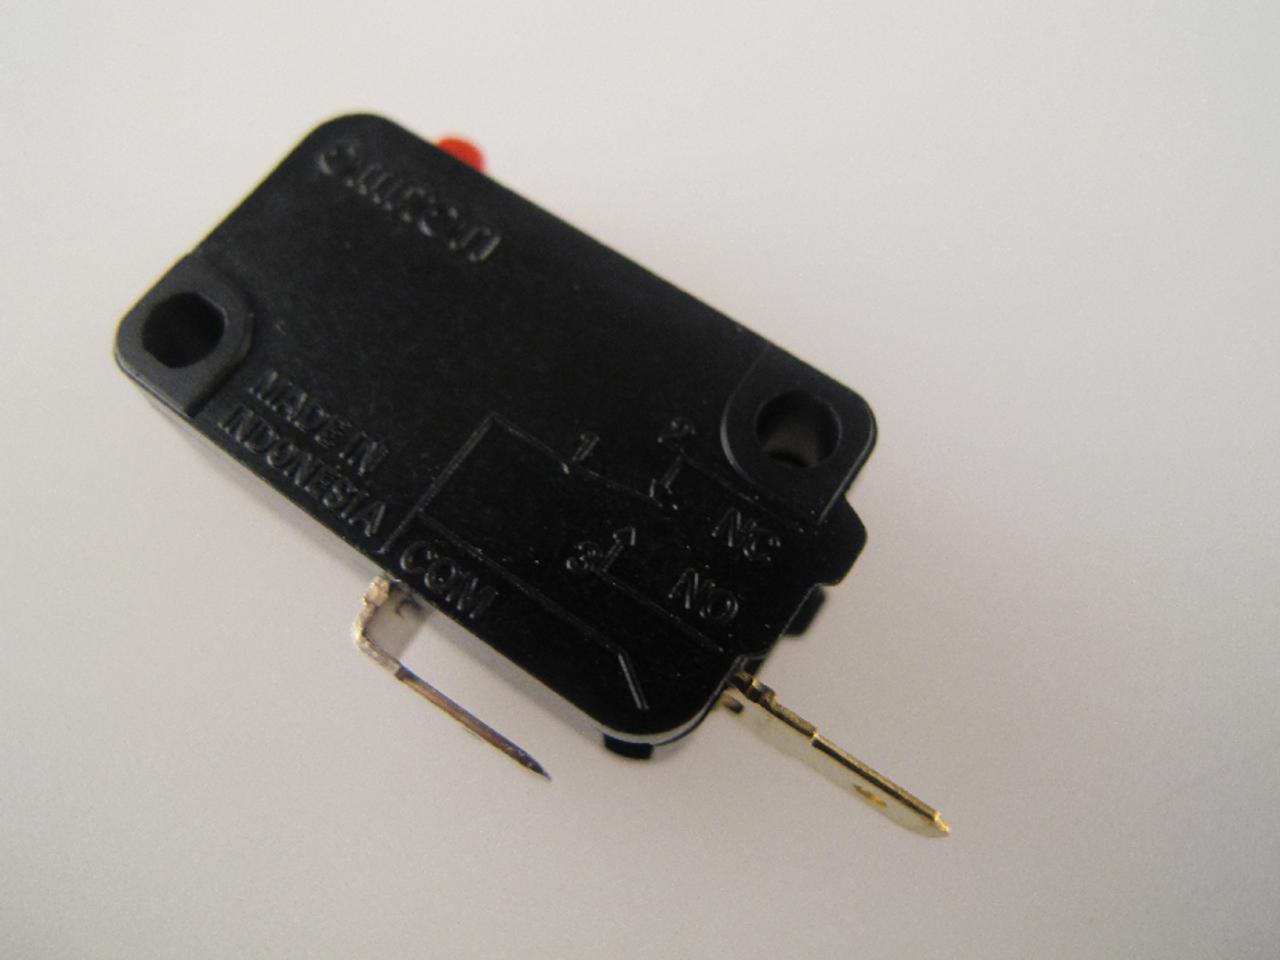 Panasonic Inverter Microwave Door Primary Latch Switch